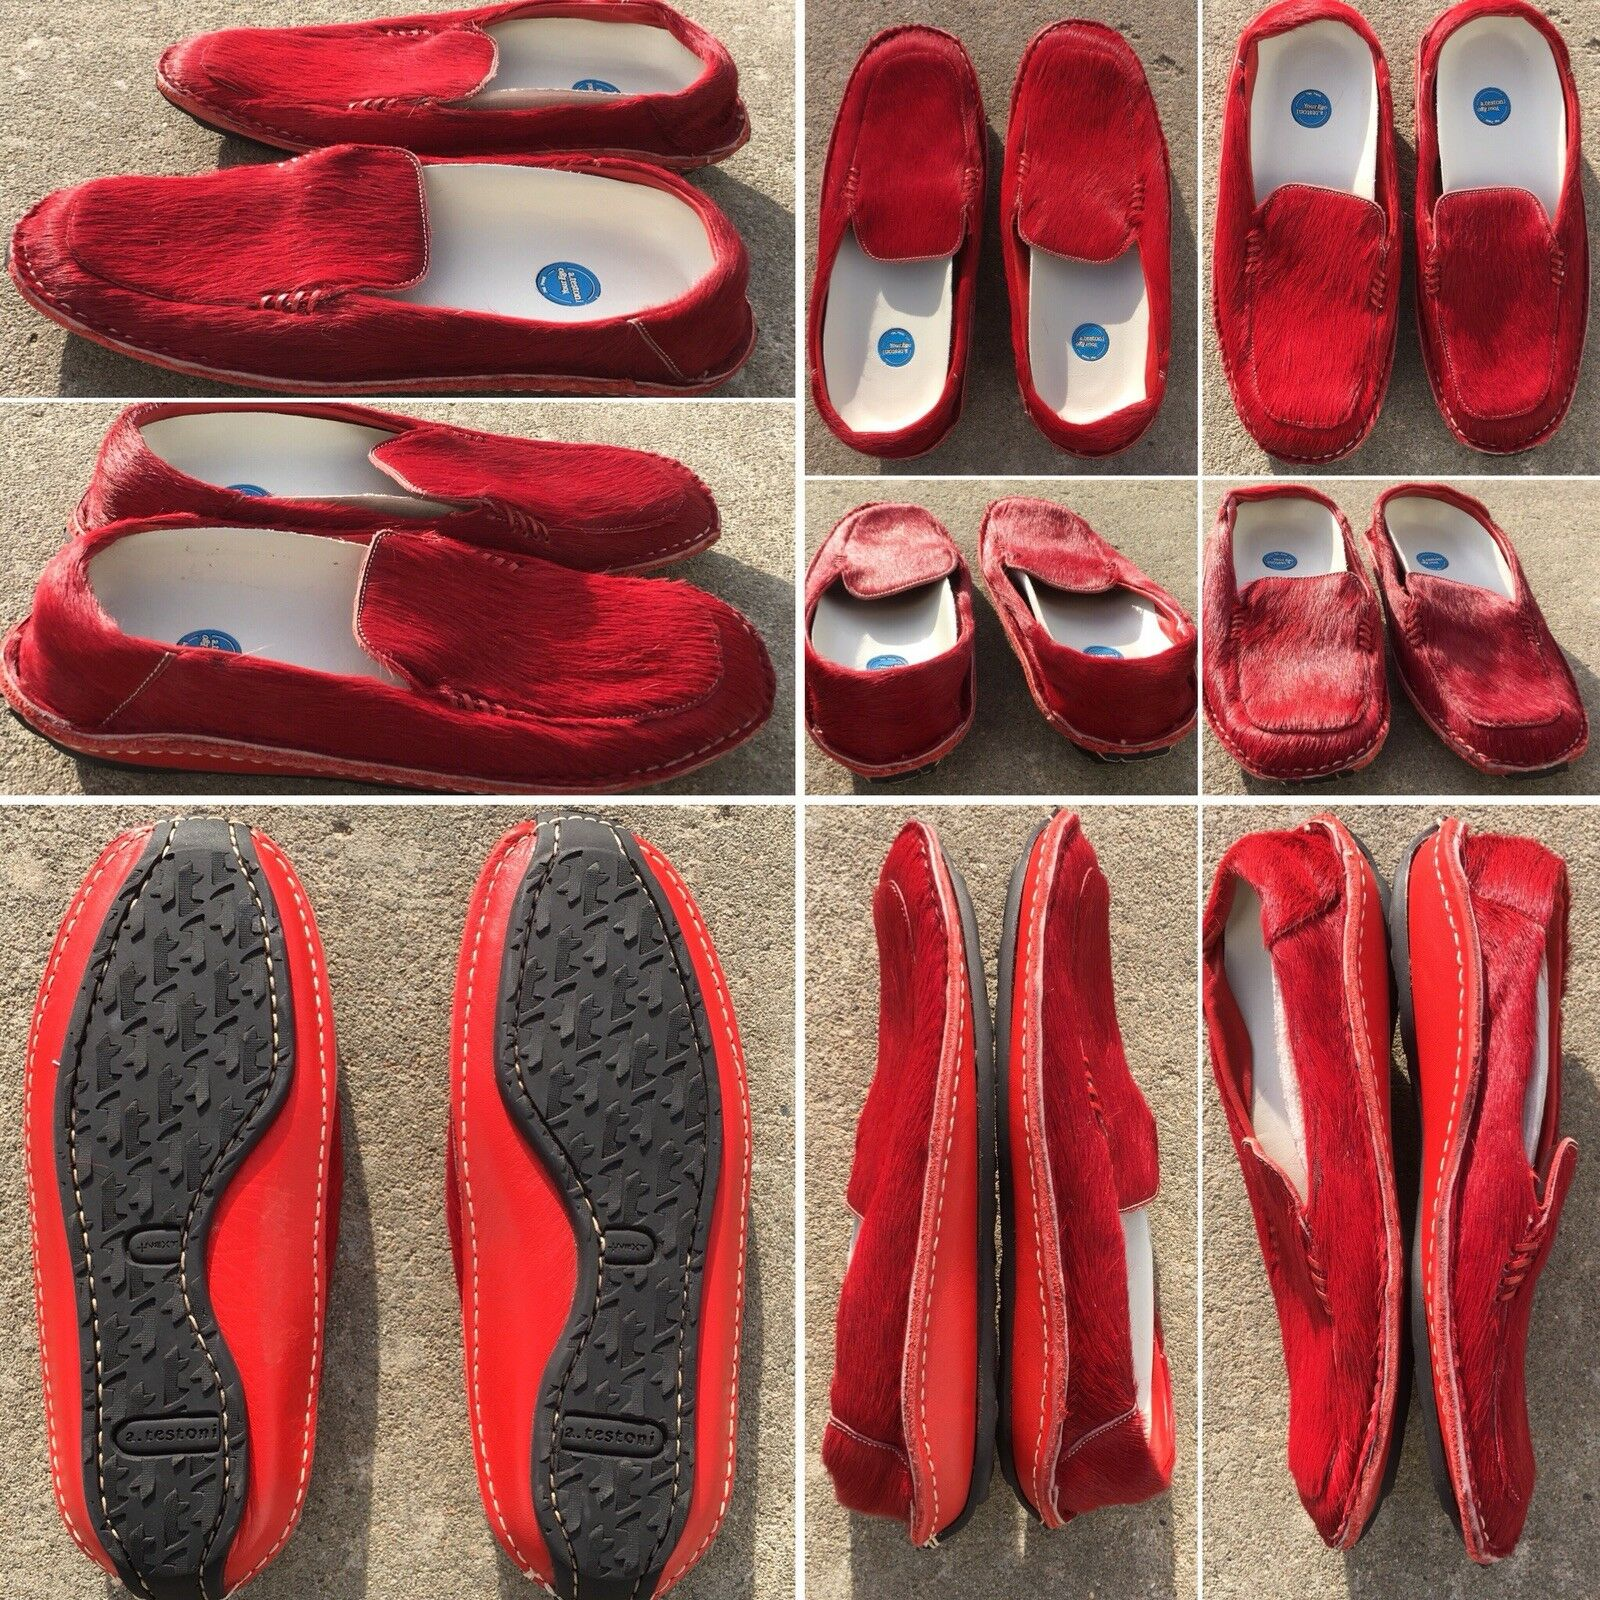 Zapatos Zapatos Zapatos de cuero un Testoni su ego rojo y cabello en ocultar Mocasines Talla 36 Slip On  ventas calientes